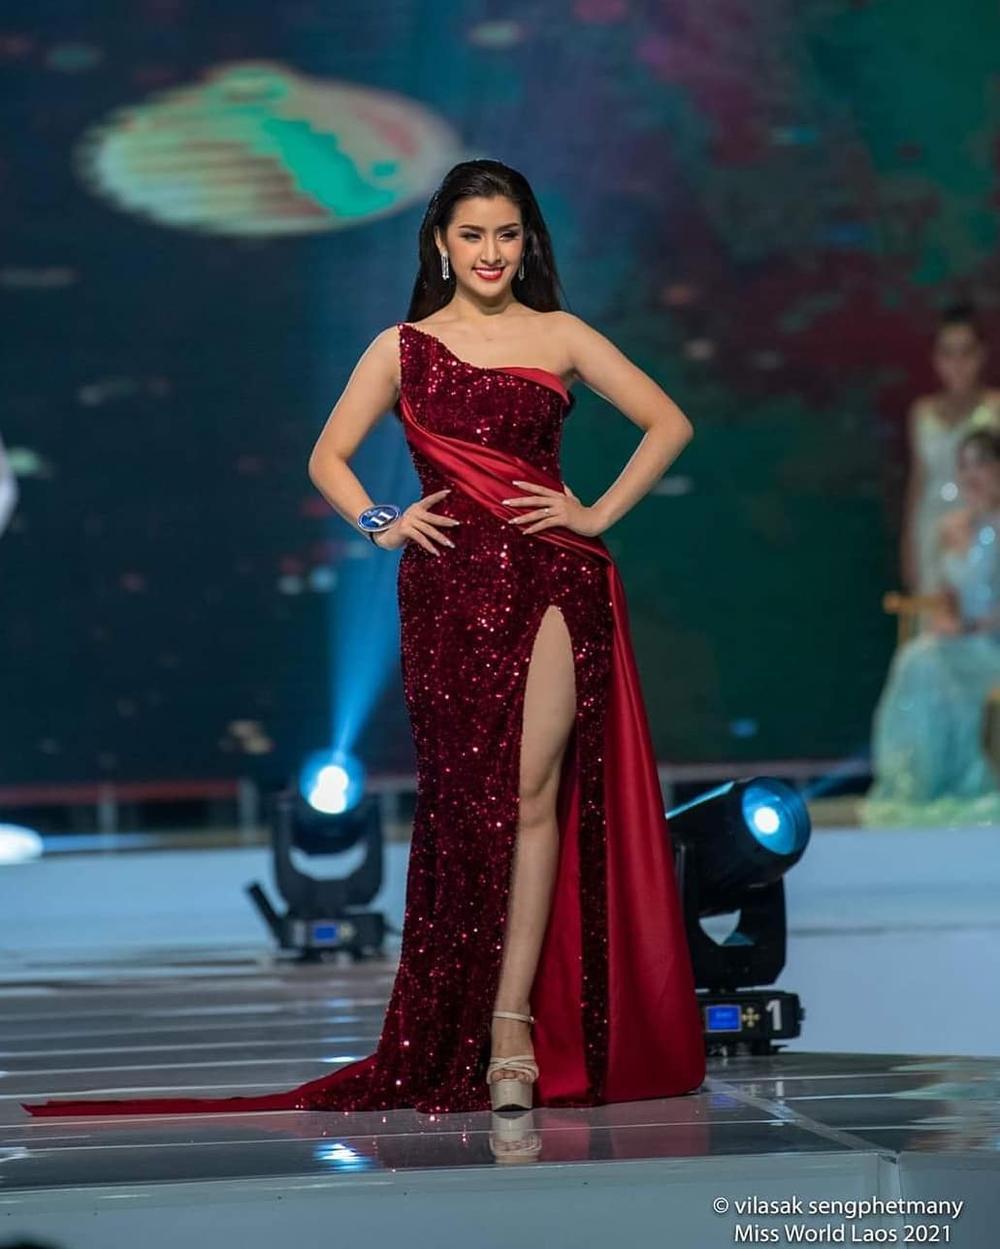 Tân hoa hậu Lào bỏ ngôi vị vì khai gian tuổi, á hậu 1 lên ngôi 'kèn cựa' Đỗ Thị Hà tại Miss World? Ảnh 6